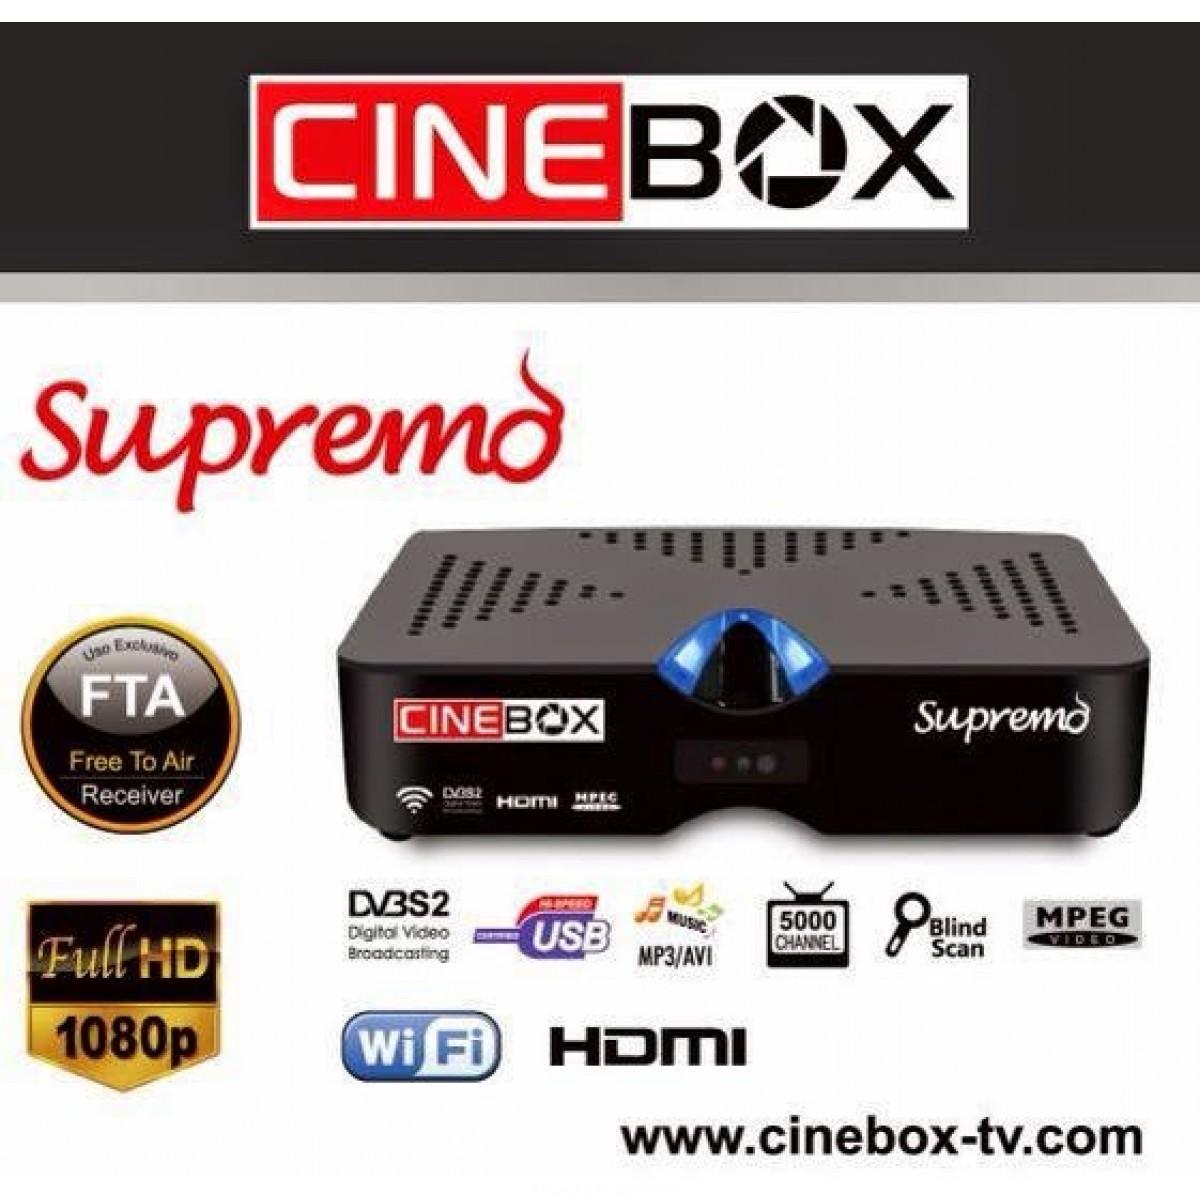 Atualização Cinebox Supremo HD v.24/07/2016